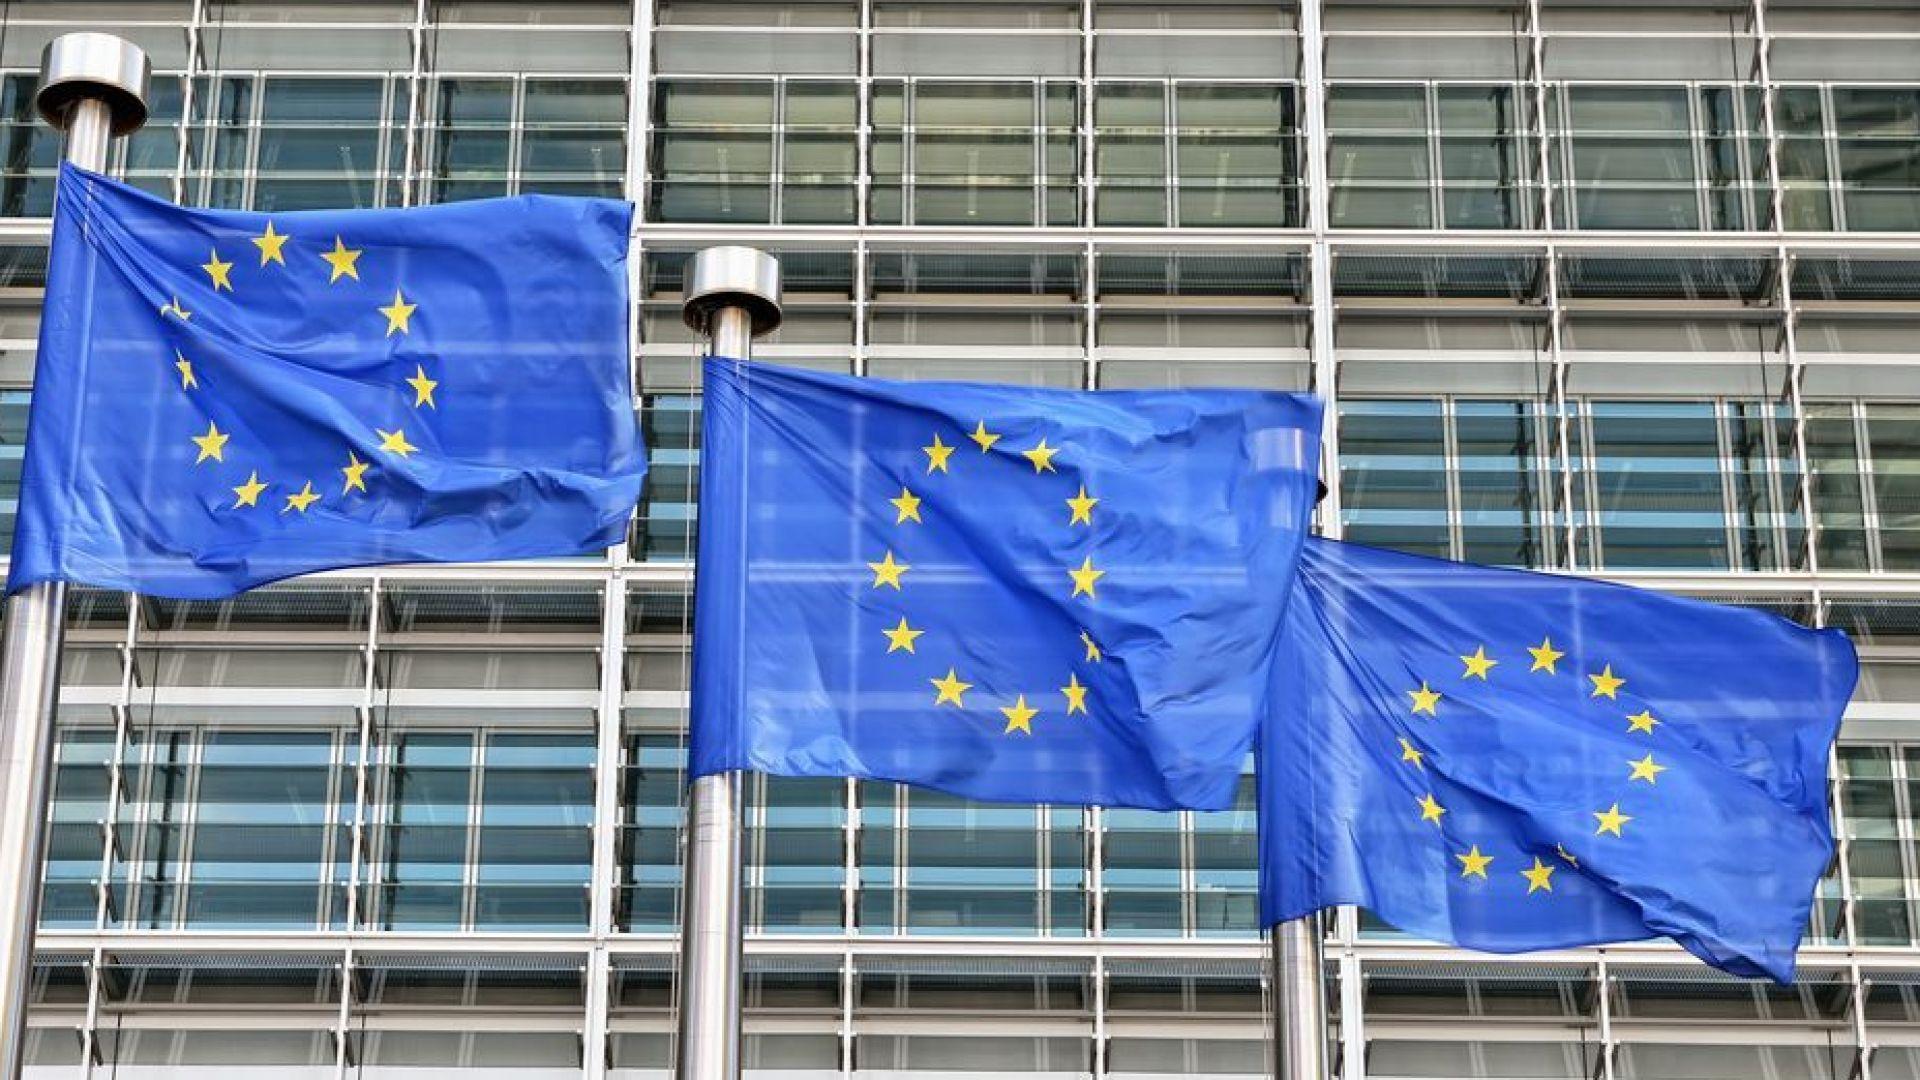 ЕК блокира US санкциите на територията на Евросъюза